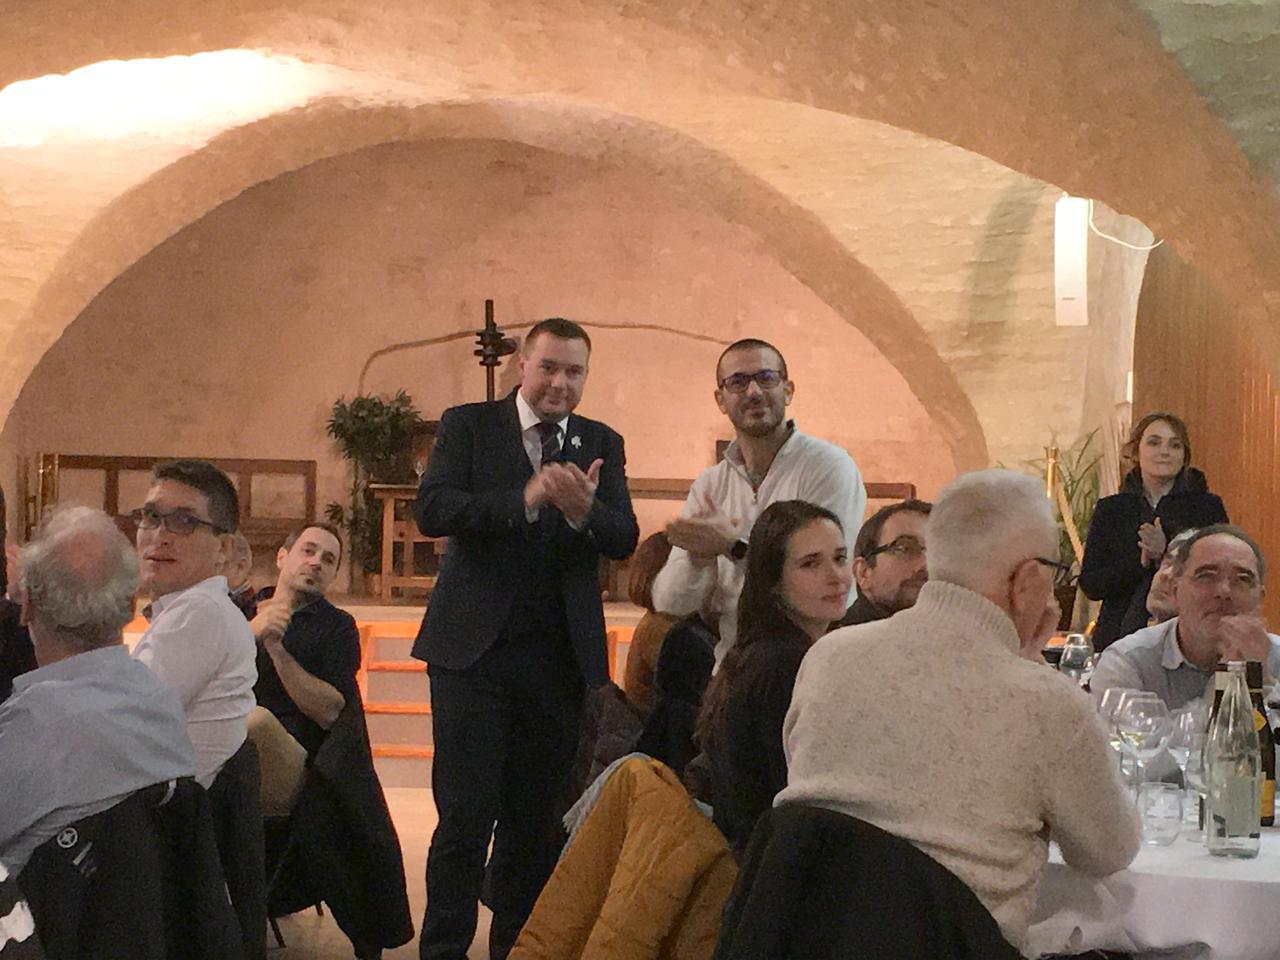 画像: コンクールを主催した、シャブリワイン委員会、ブノワ・ドロワン氏(右)と、審査員長を務めたガエタン・ラヴィエ氏